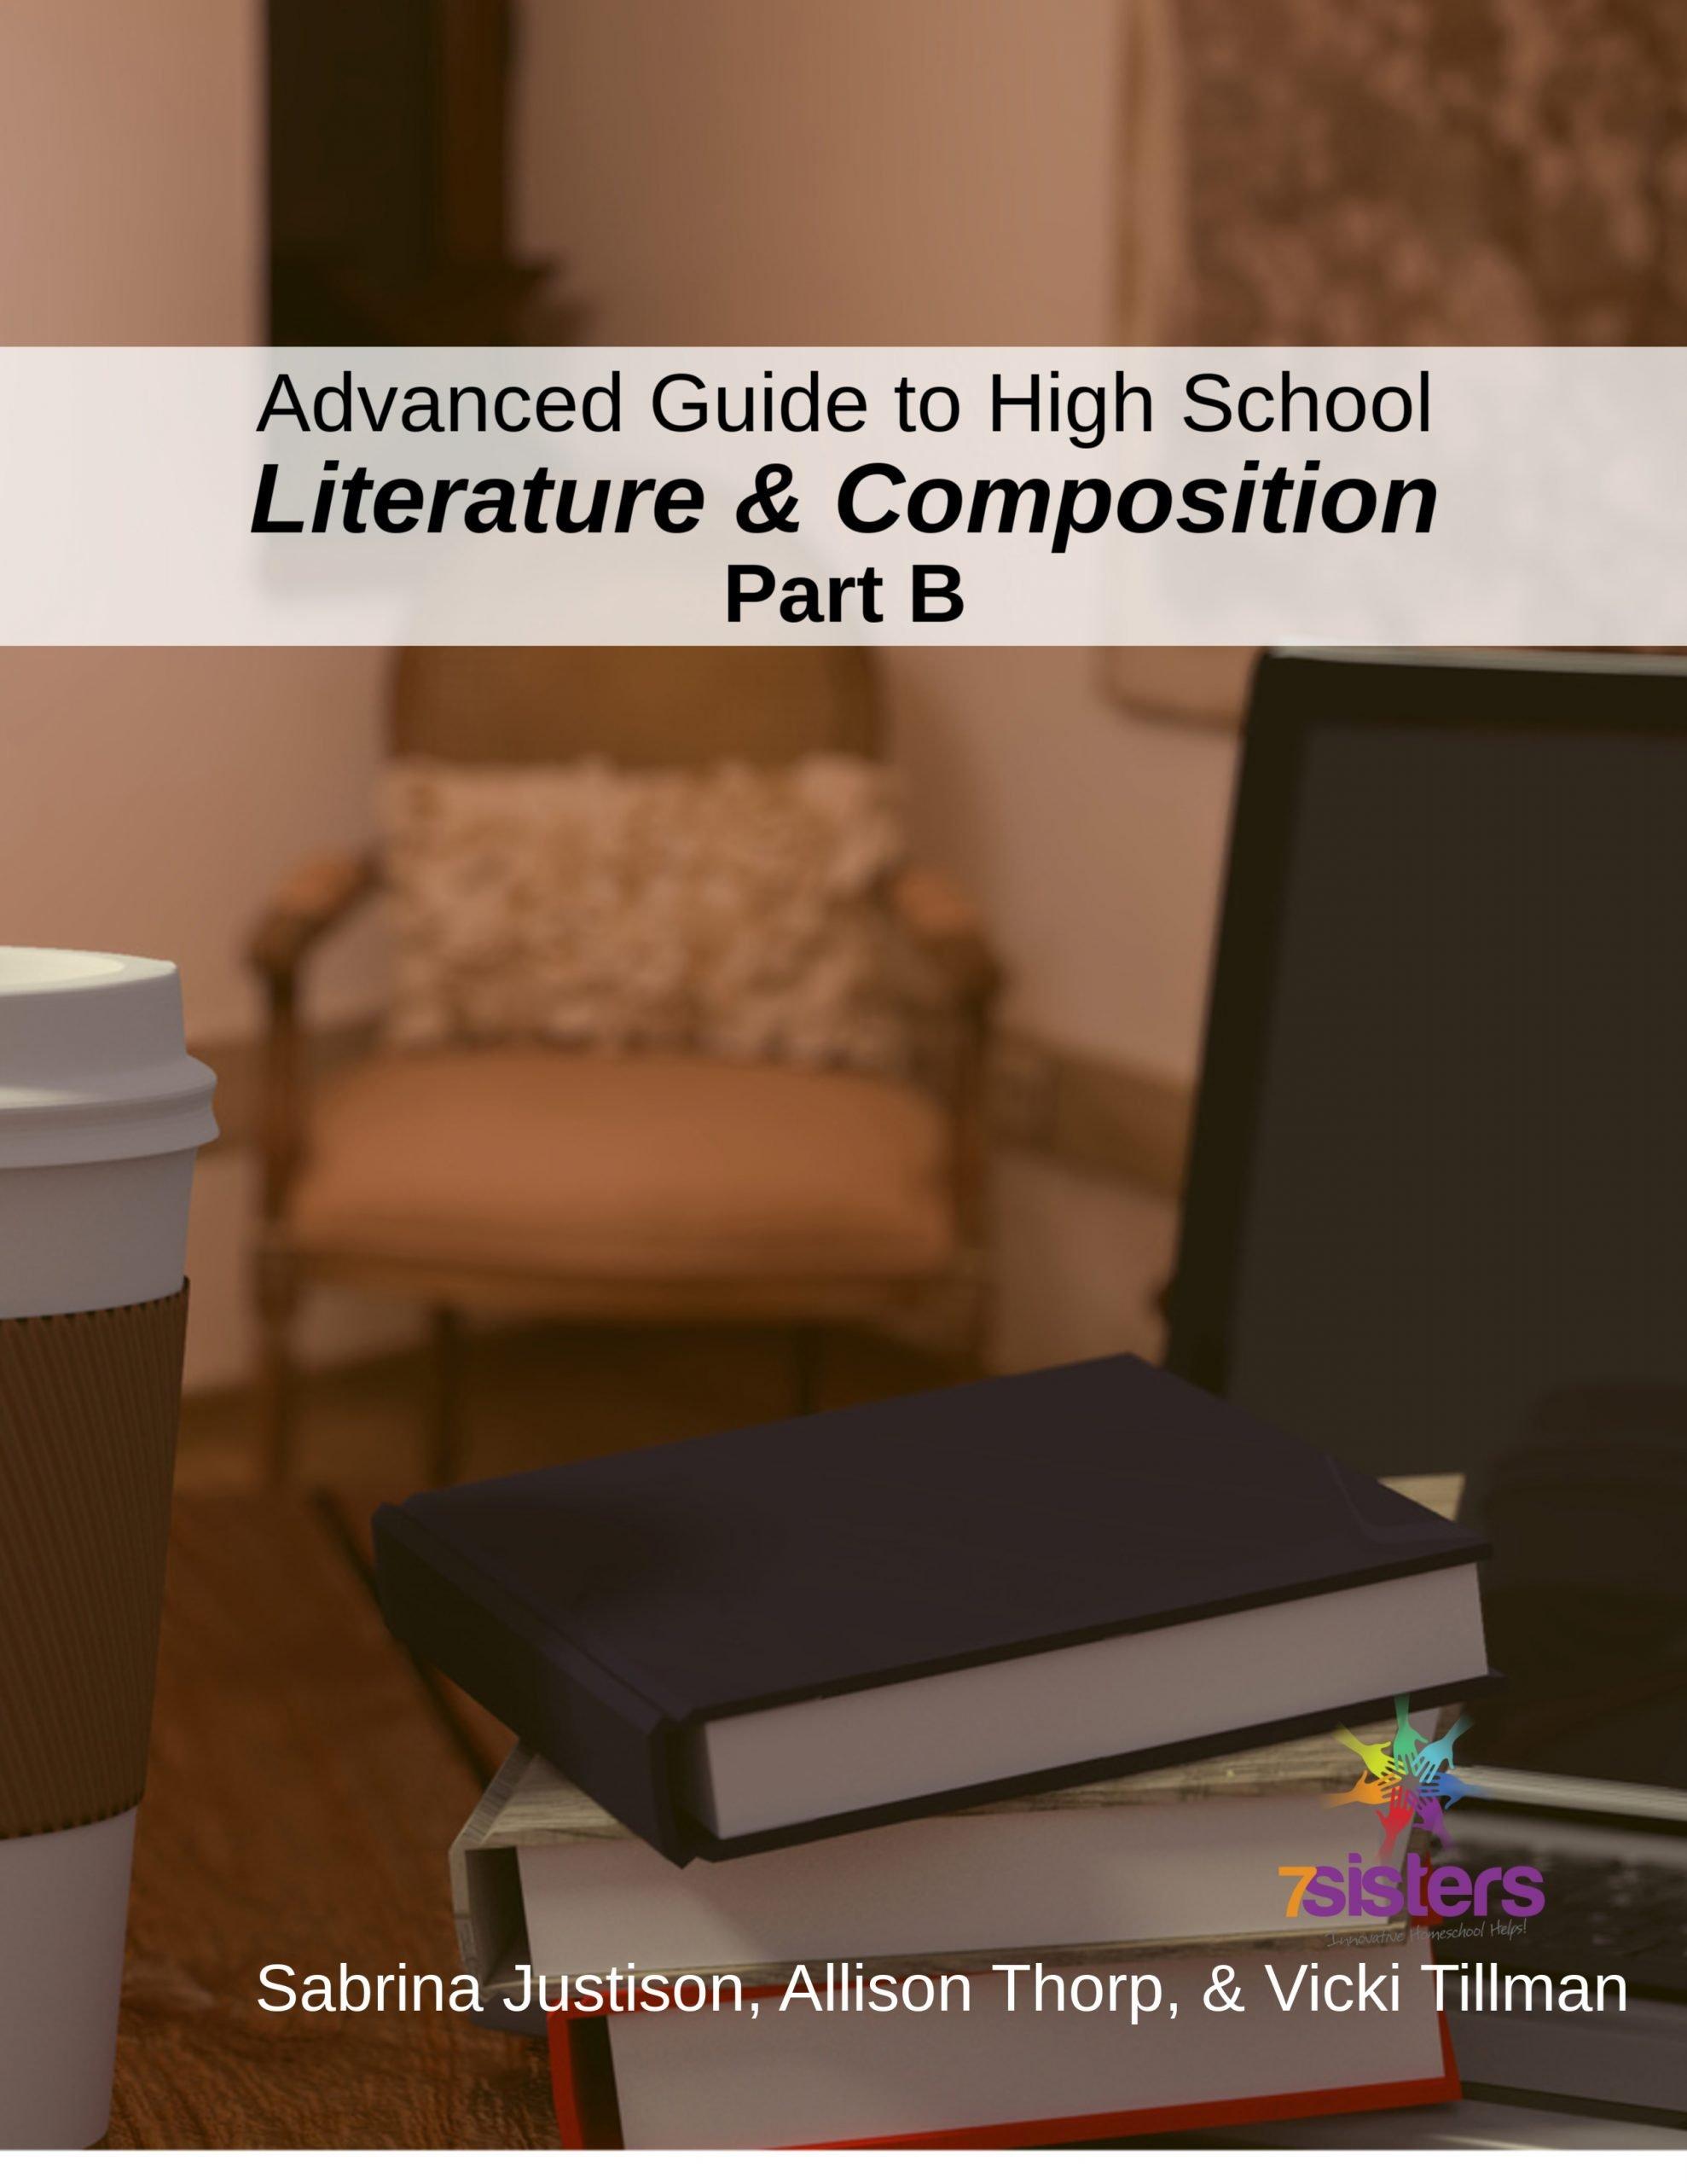 Advanced Literature & Composition: Part B